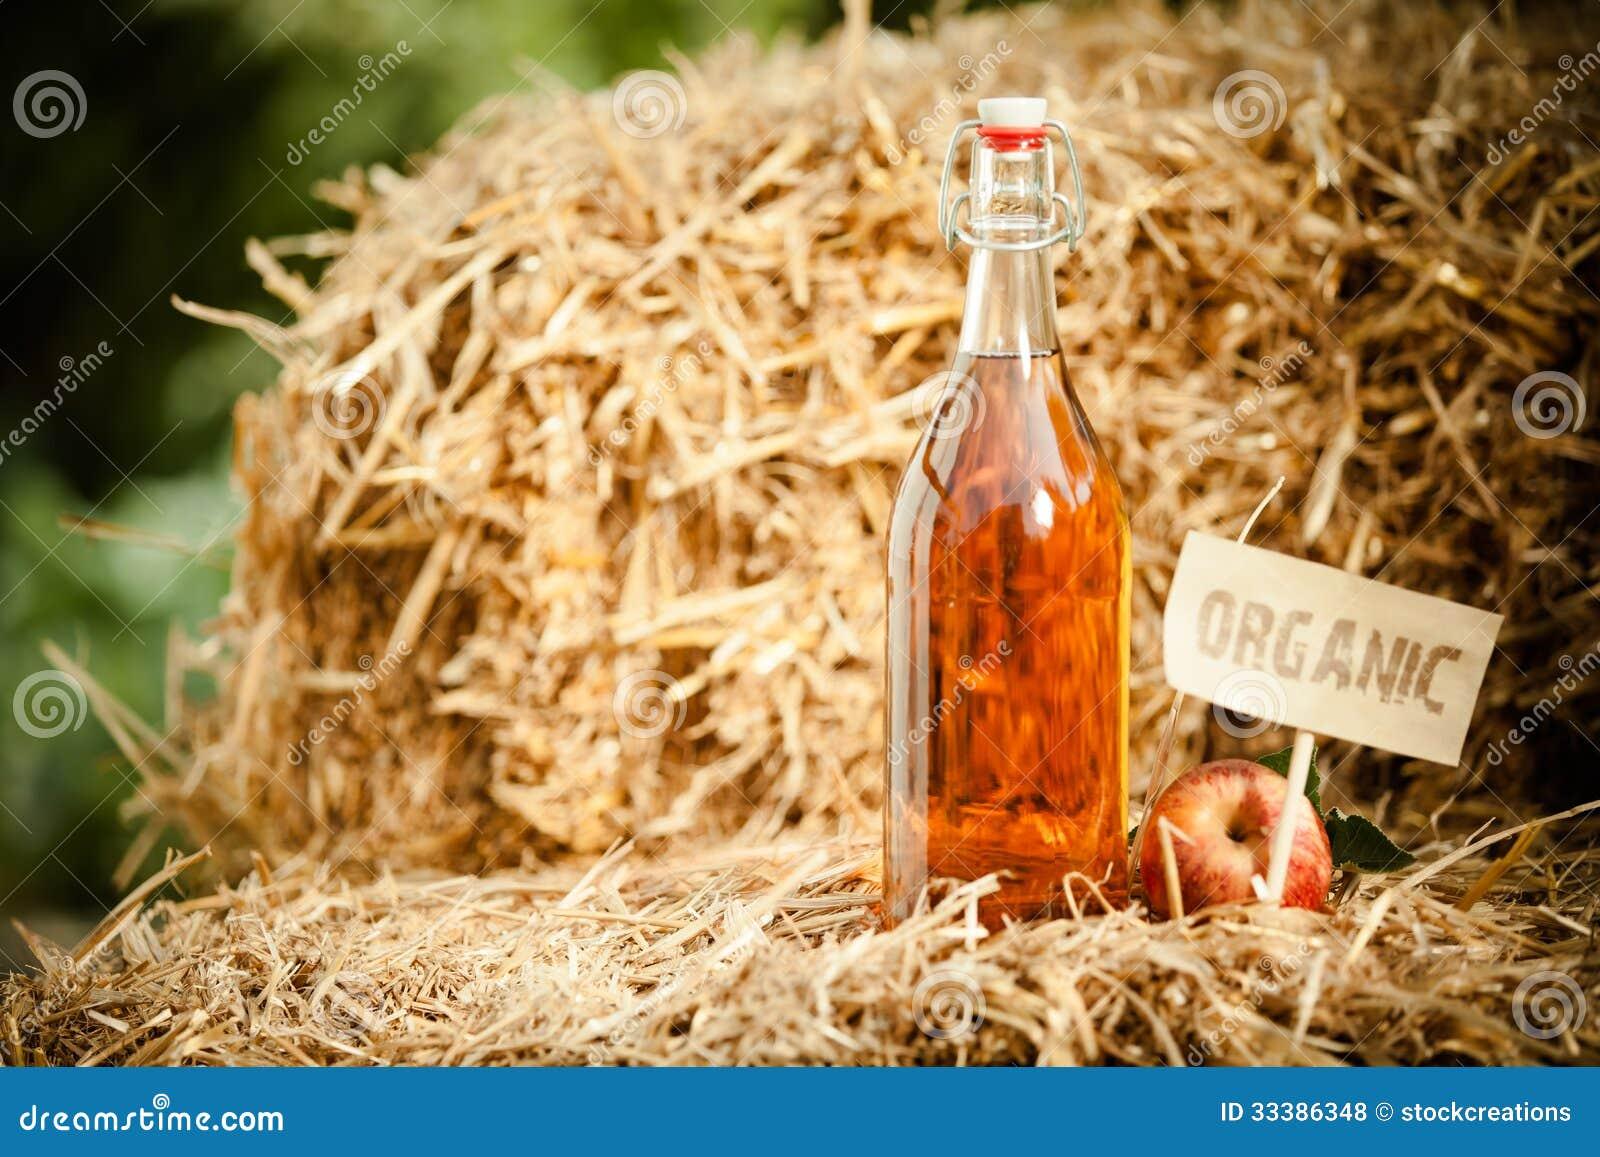 une bouteille de vinaigre de cidre naturel de pomme sur la paille photo stock image du jardin. Black Bedroom Furniture Sets. Home Design Ideas